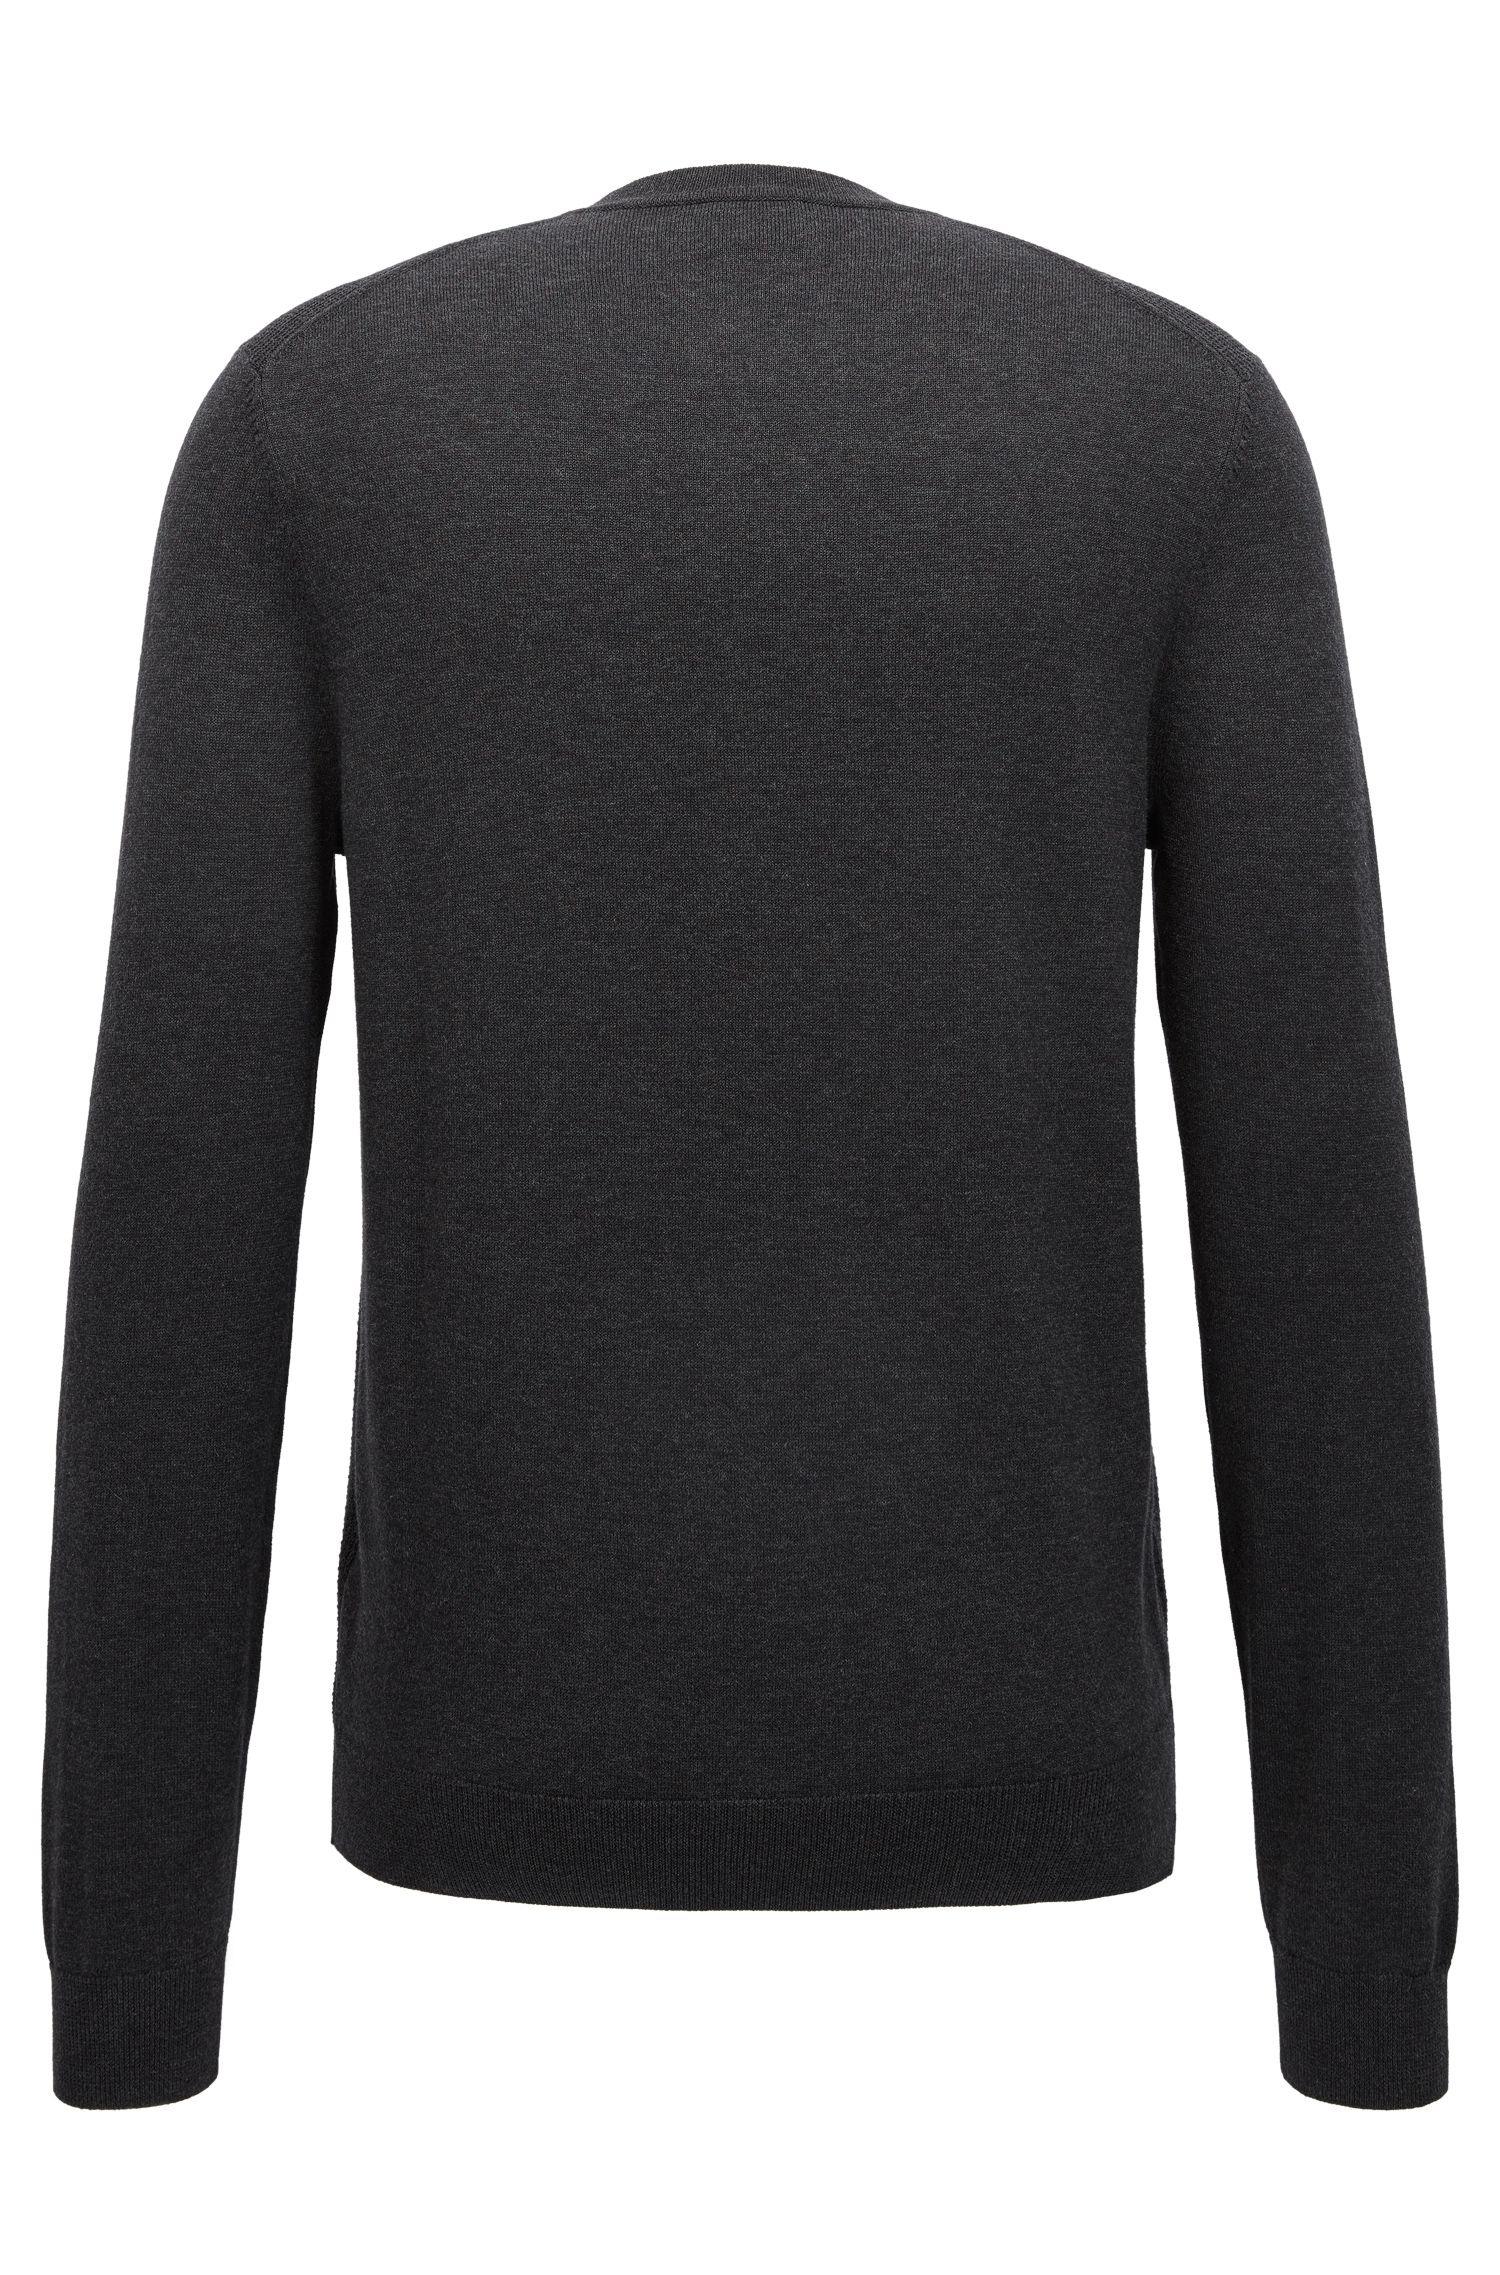 Pullover aus Baumwolle mit strukturierter Vorderseite